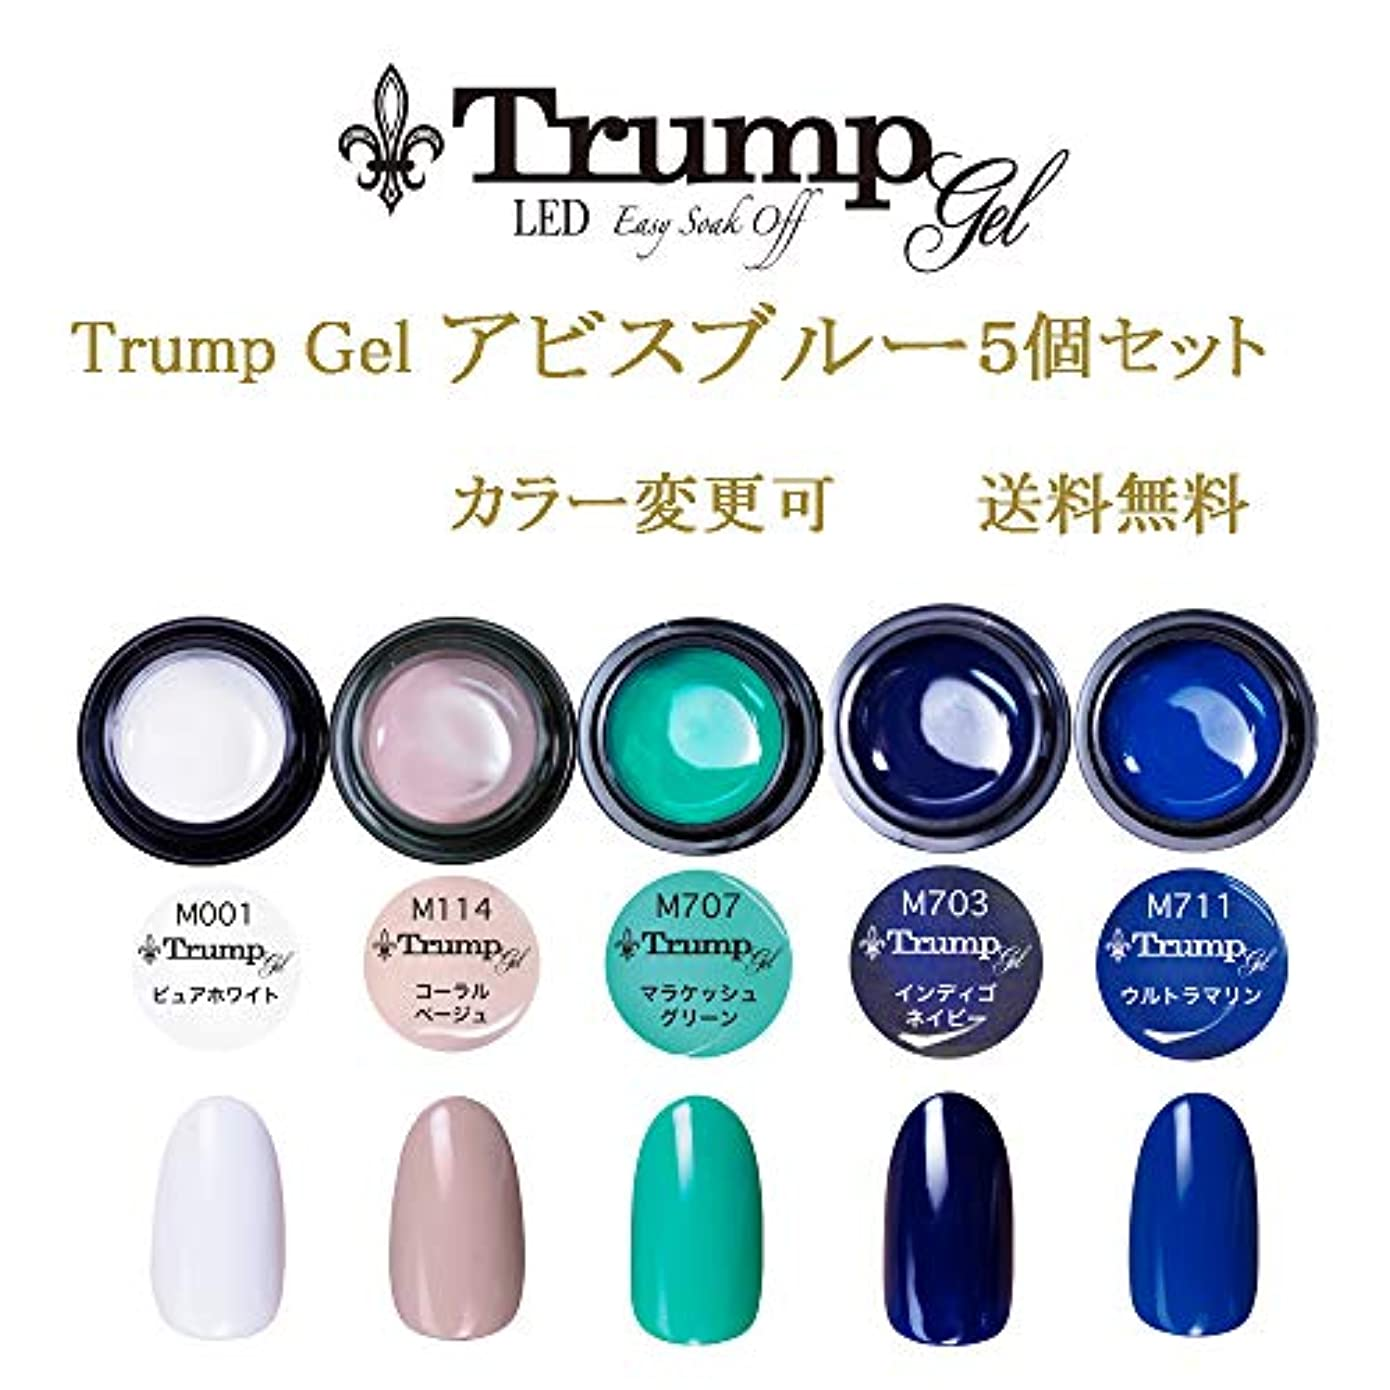 アイスクリーム追記マリナー日本製 Trump gel トランプジェル アビスブルーカラー 選べる カラージェル 5個セット ブルー ベージュ ターコイズ